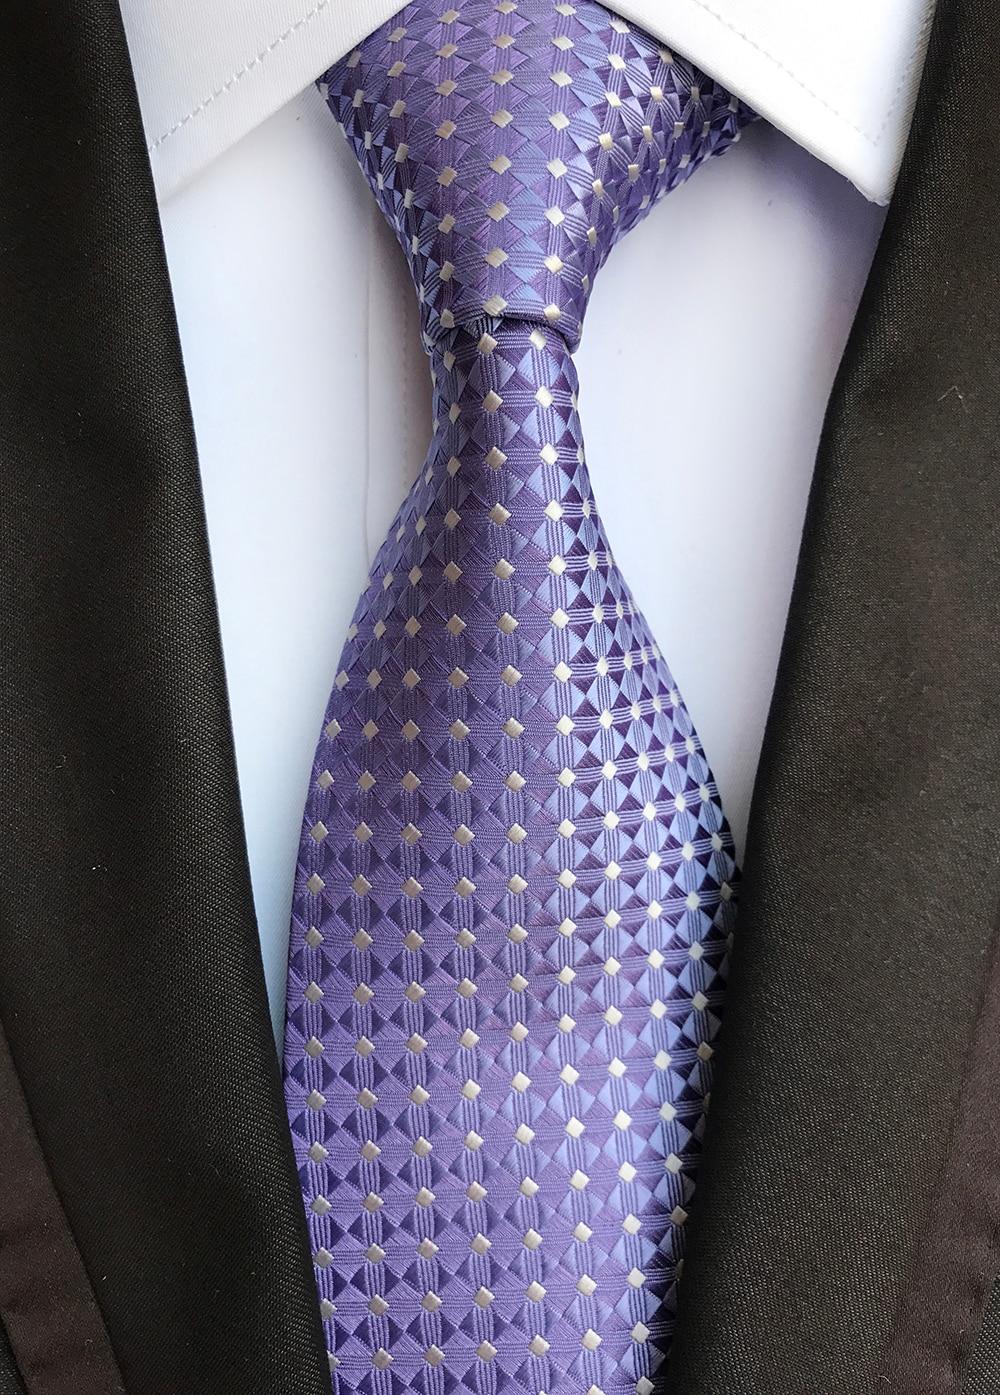 Designer's Fashion Men Plaids Tie Famous Brand Man Necktie Lavender Purple With Silver Diamond Grids